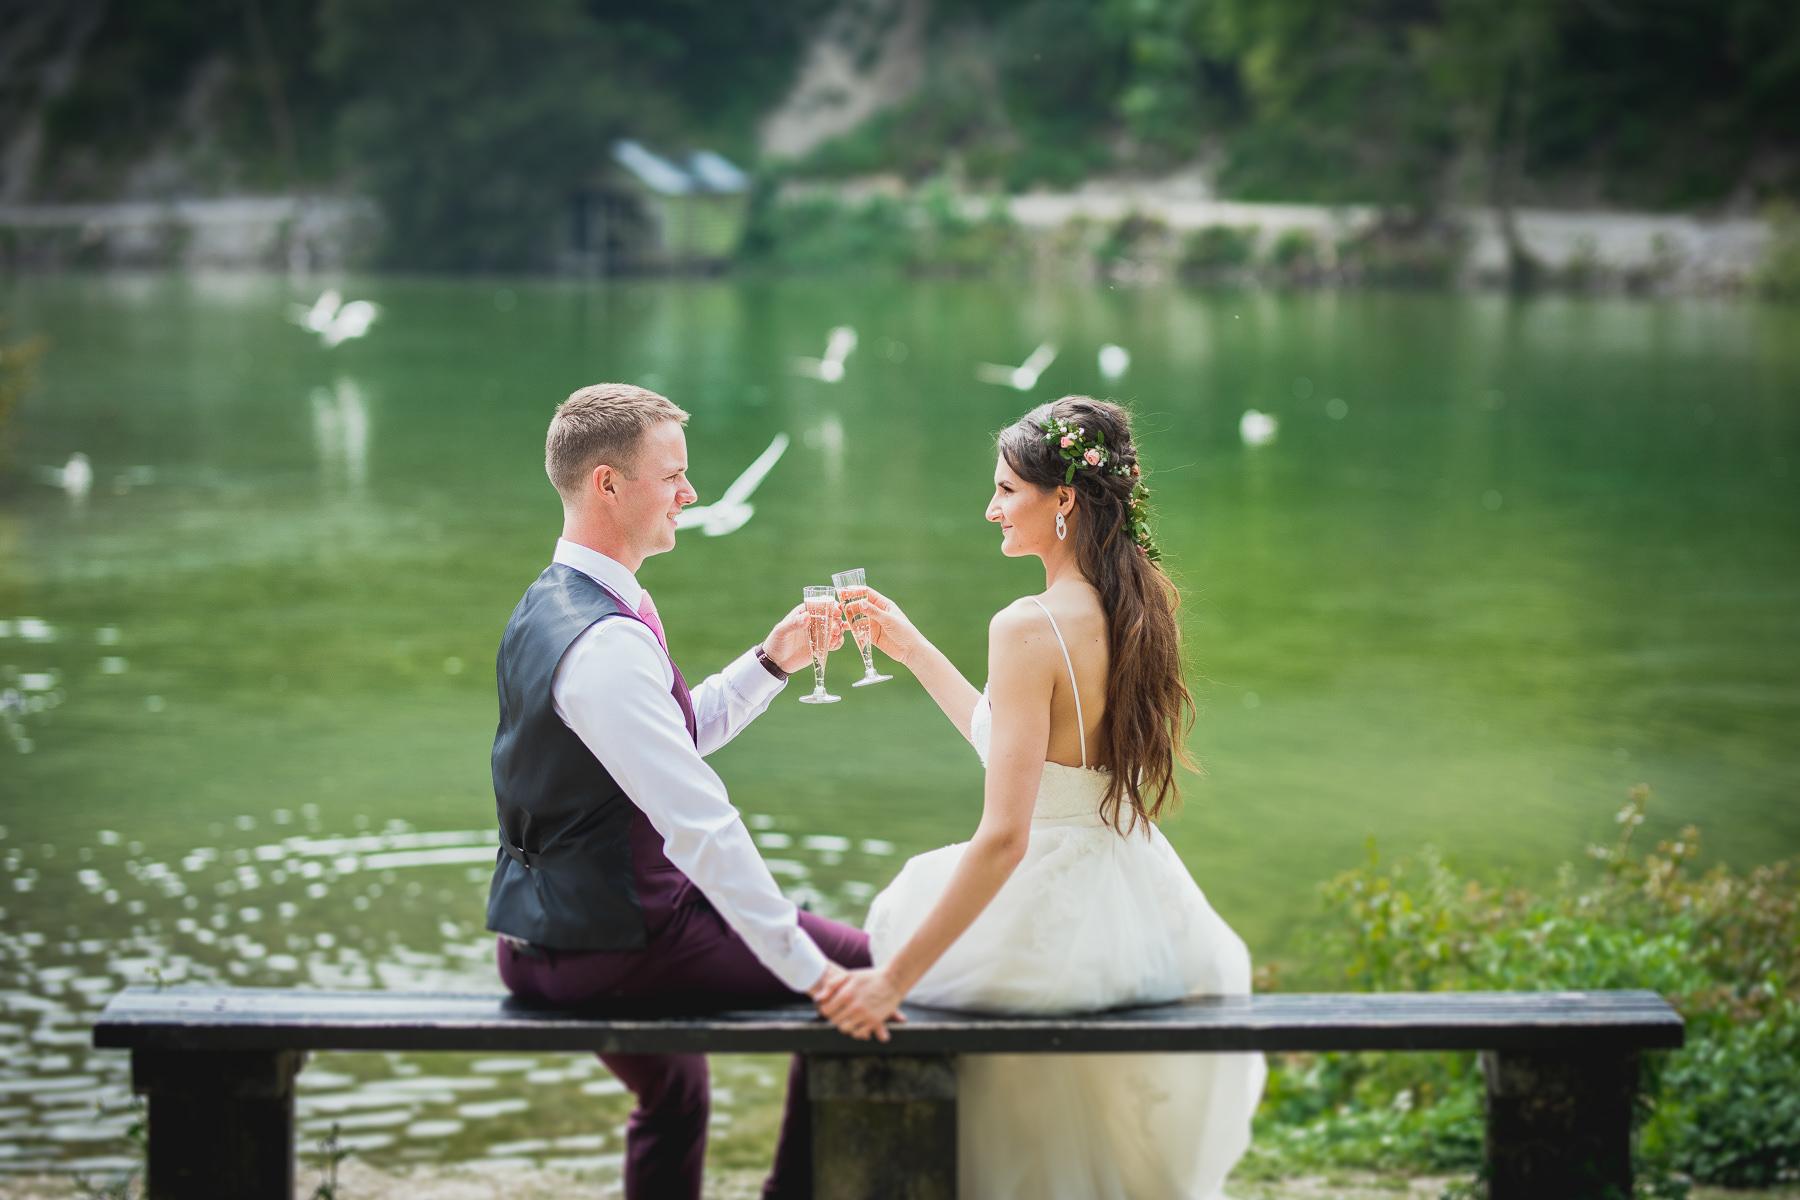 Dangira & Ignas Chichester Weddings VILCINSKAITE PHOTO 3.jpg